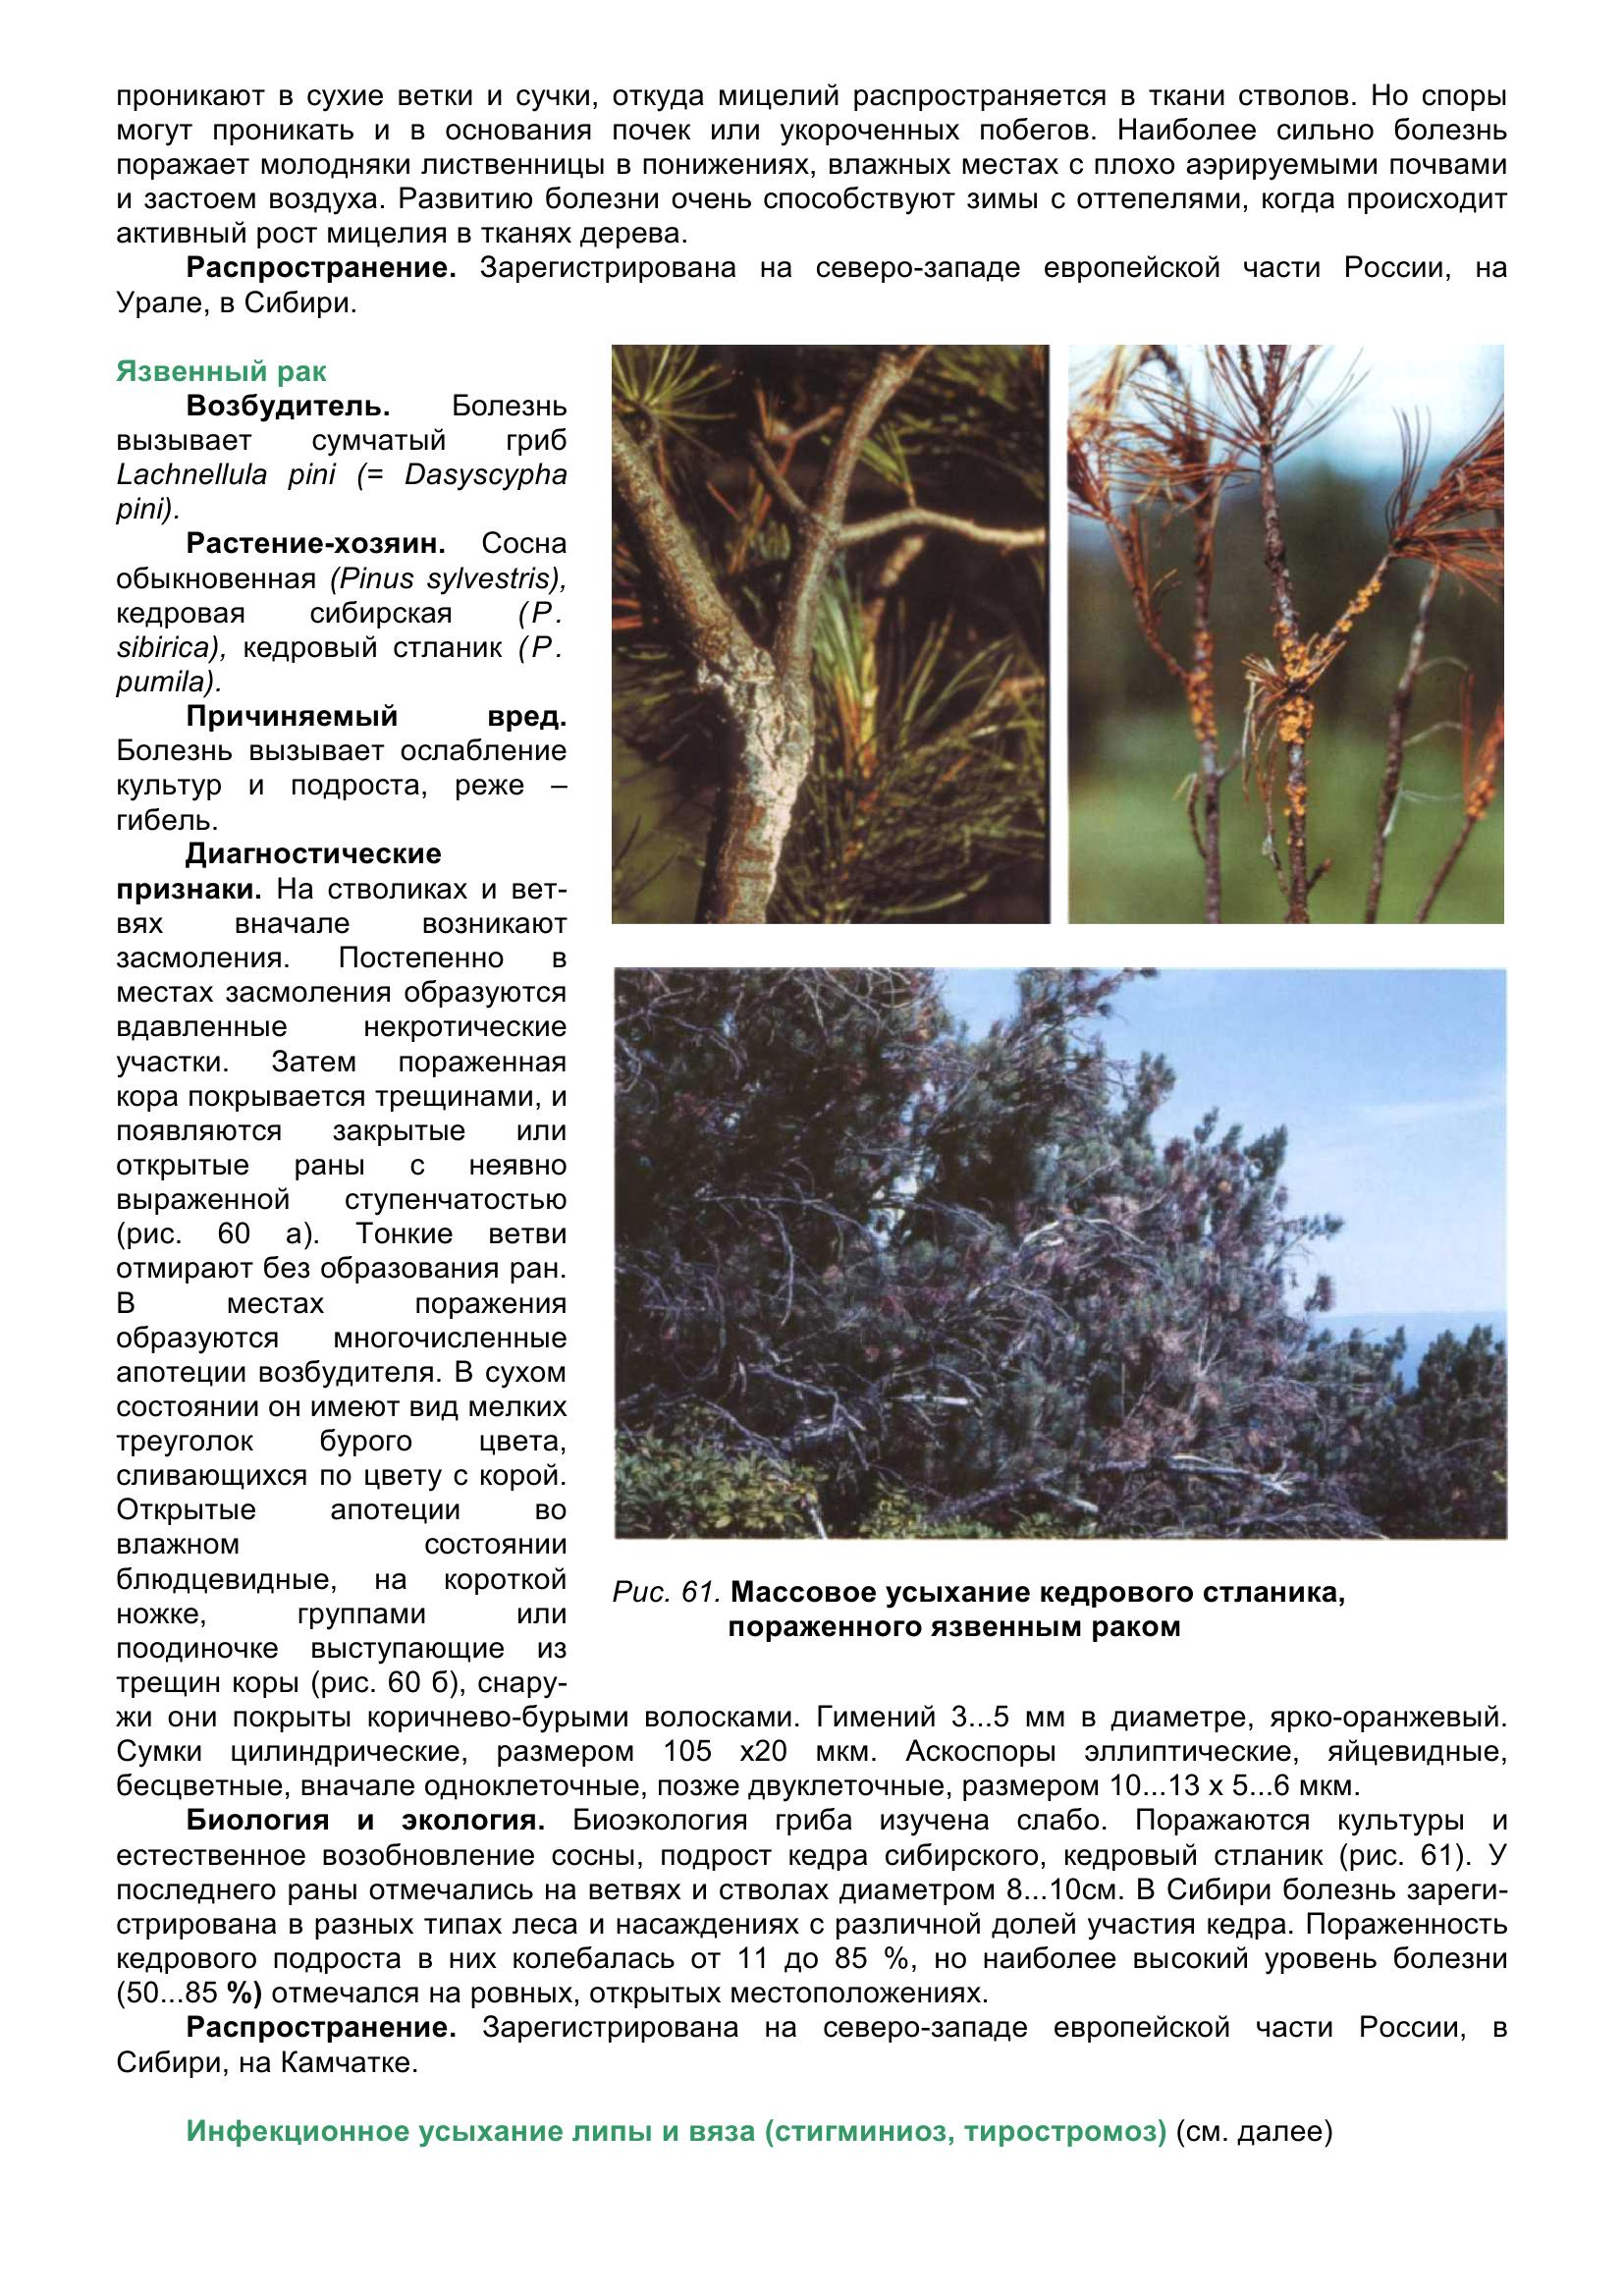 Болезни_древесных_растений_071.jpg